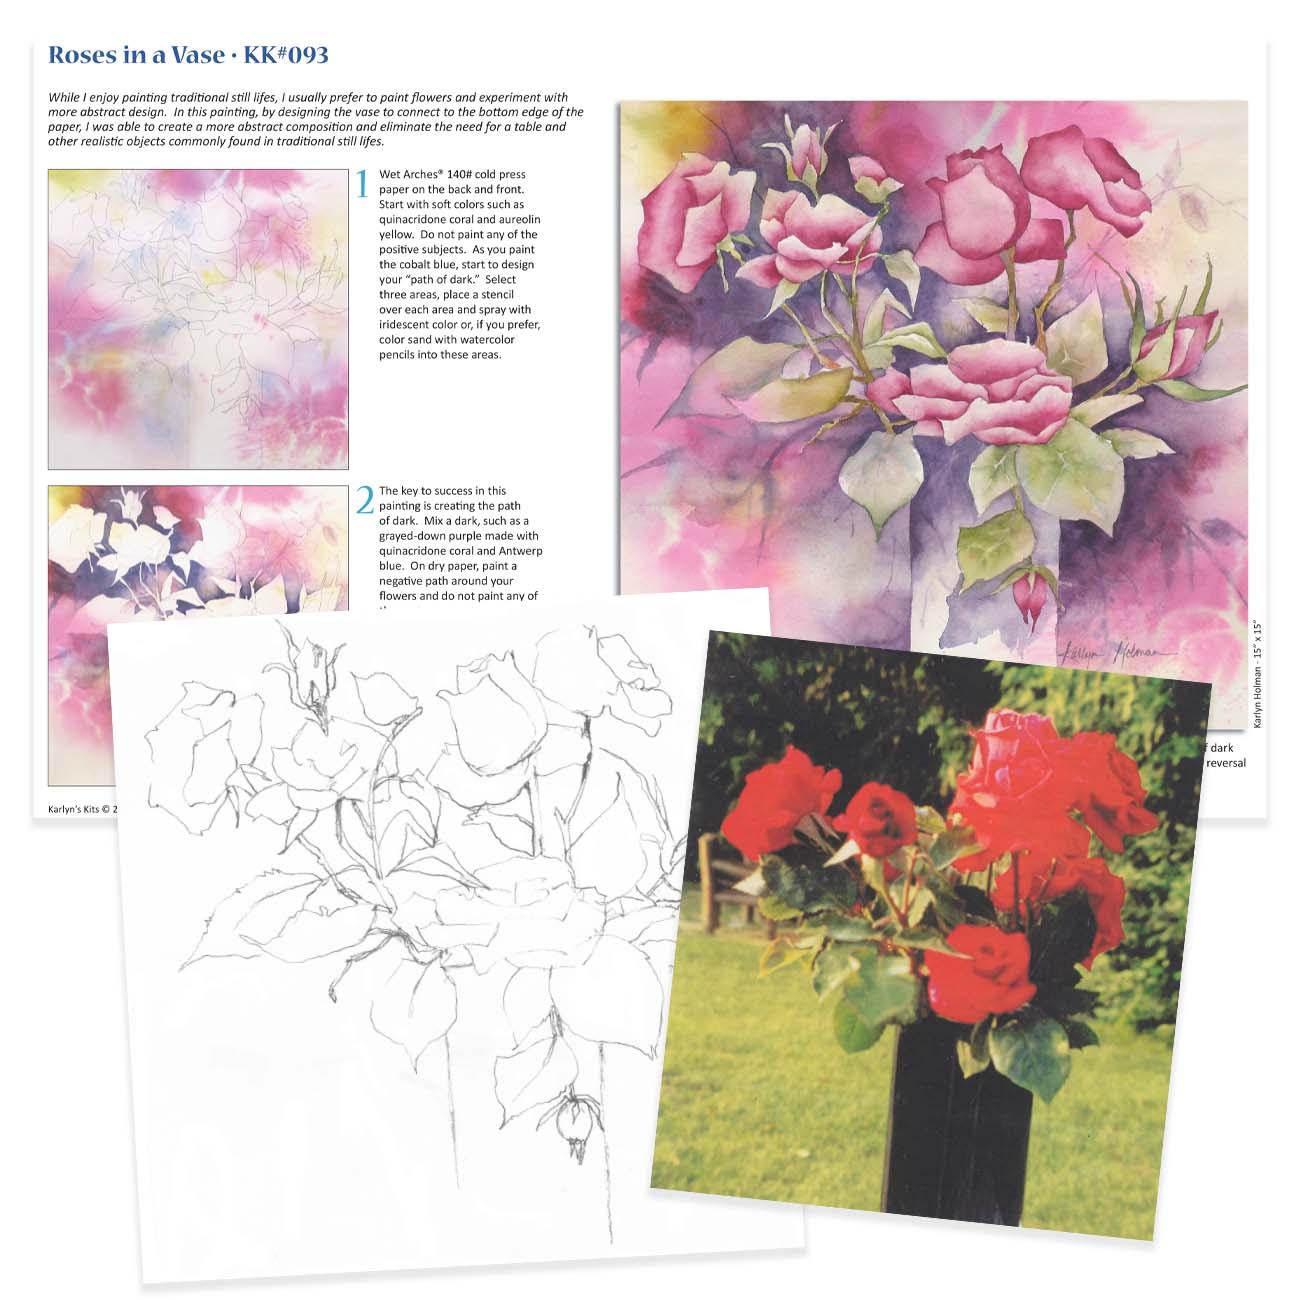 KK093 - Roses in a Vase